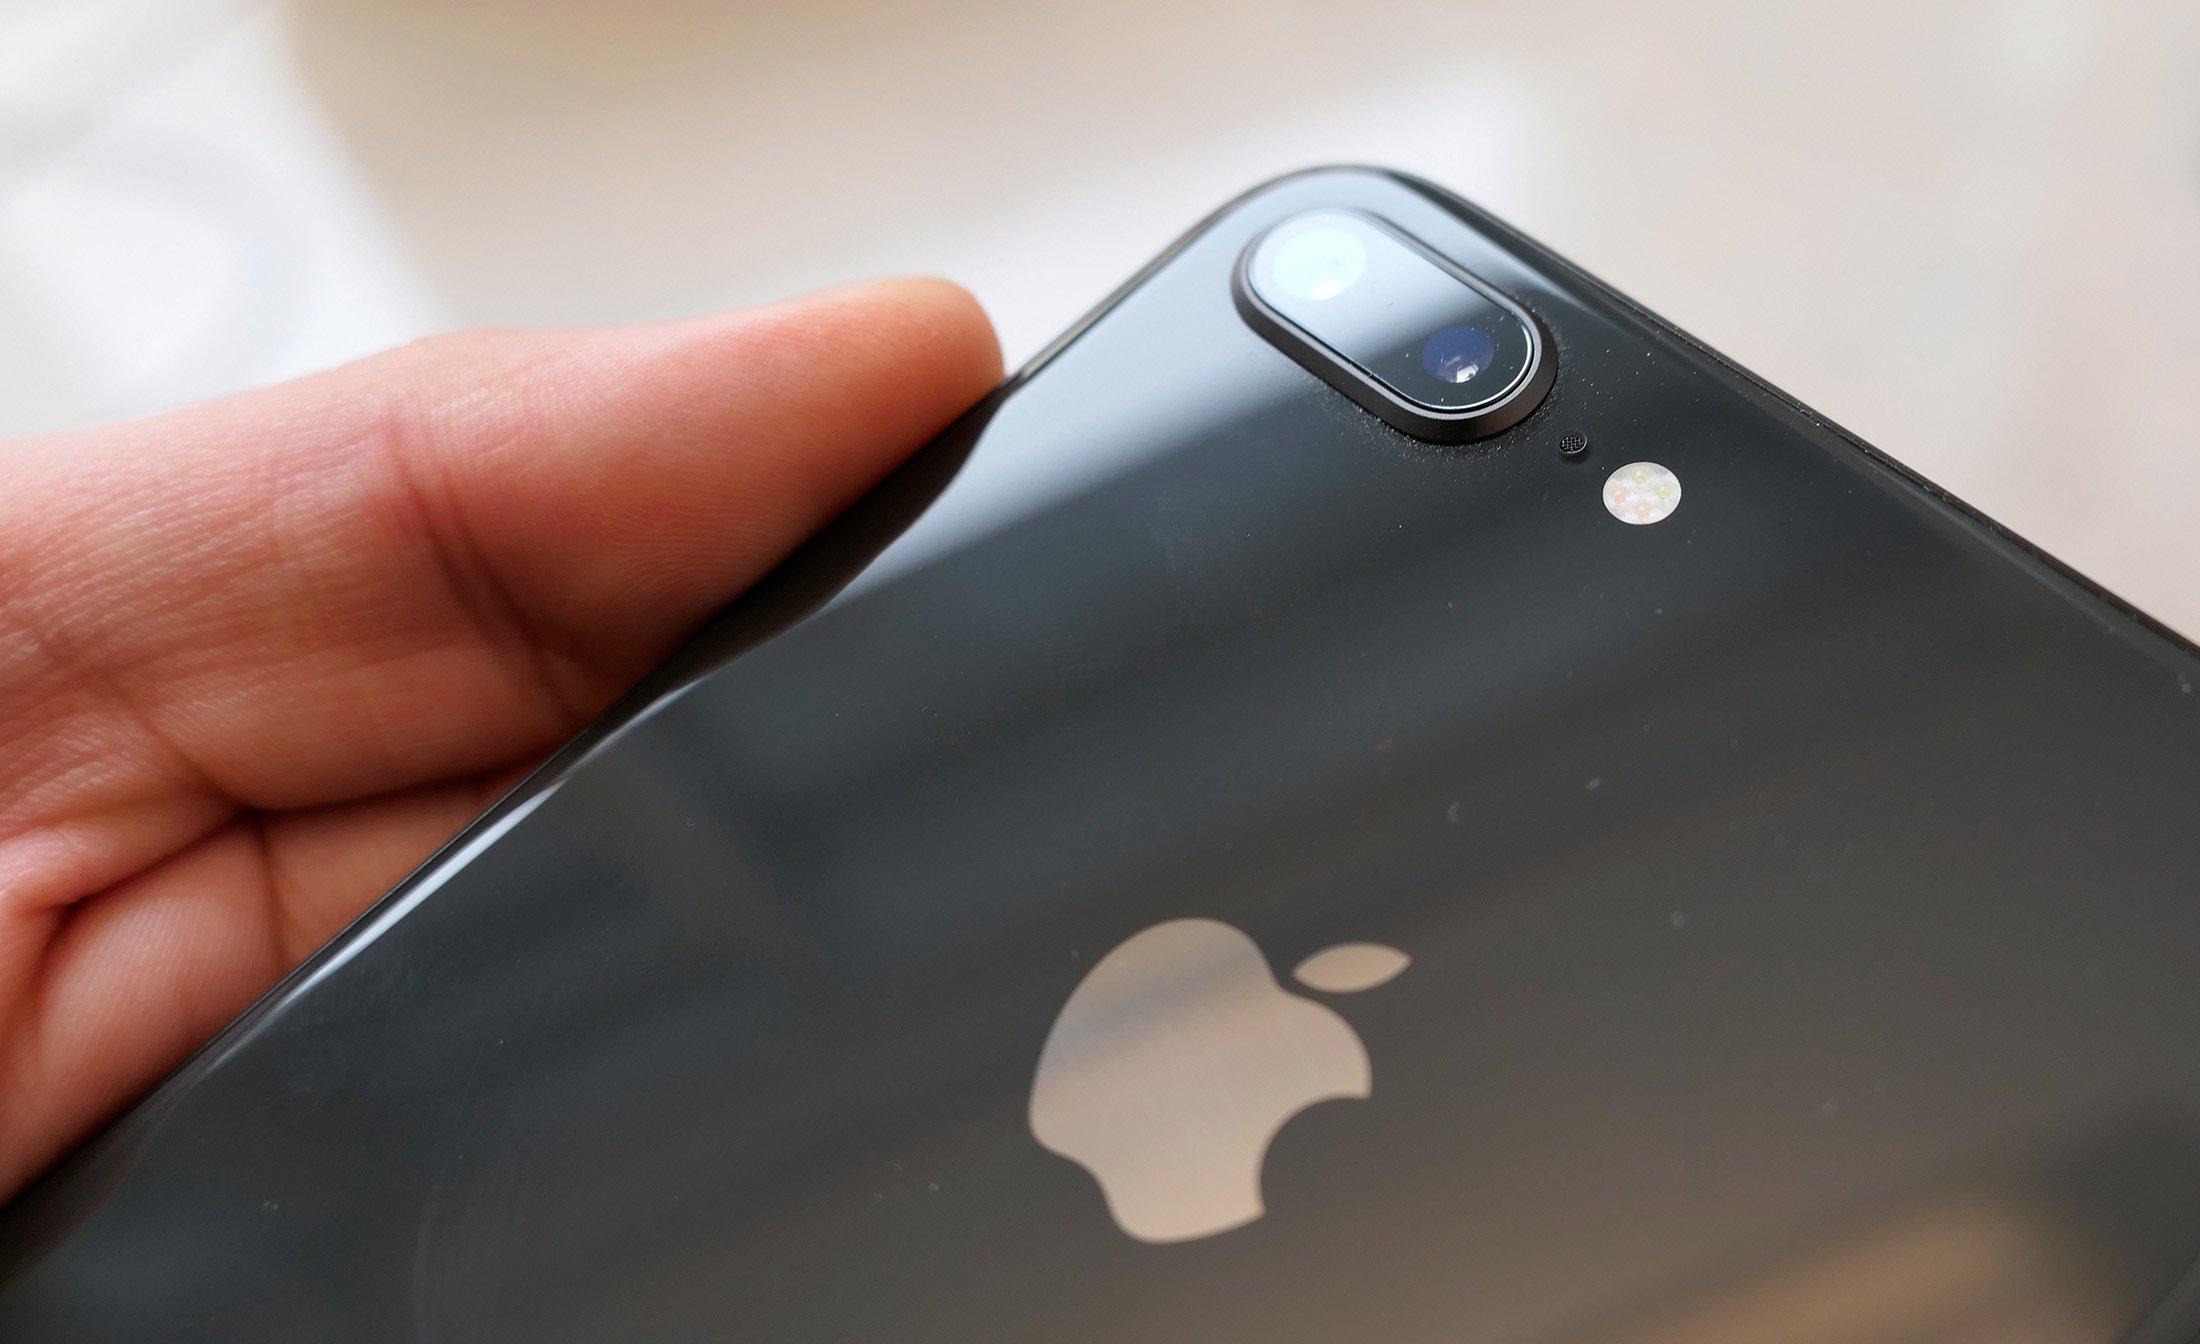 Glasrückseite des iPhone 8+